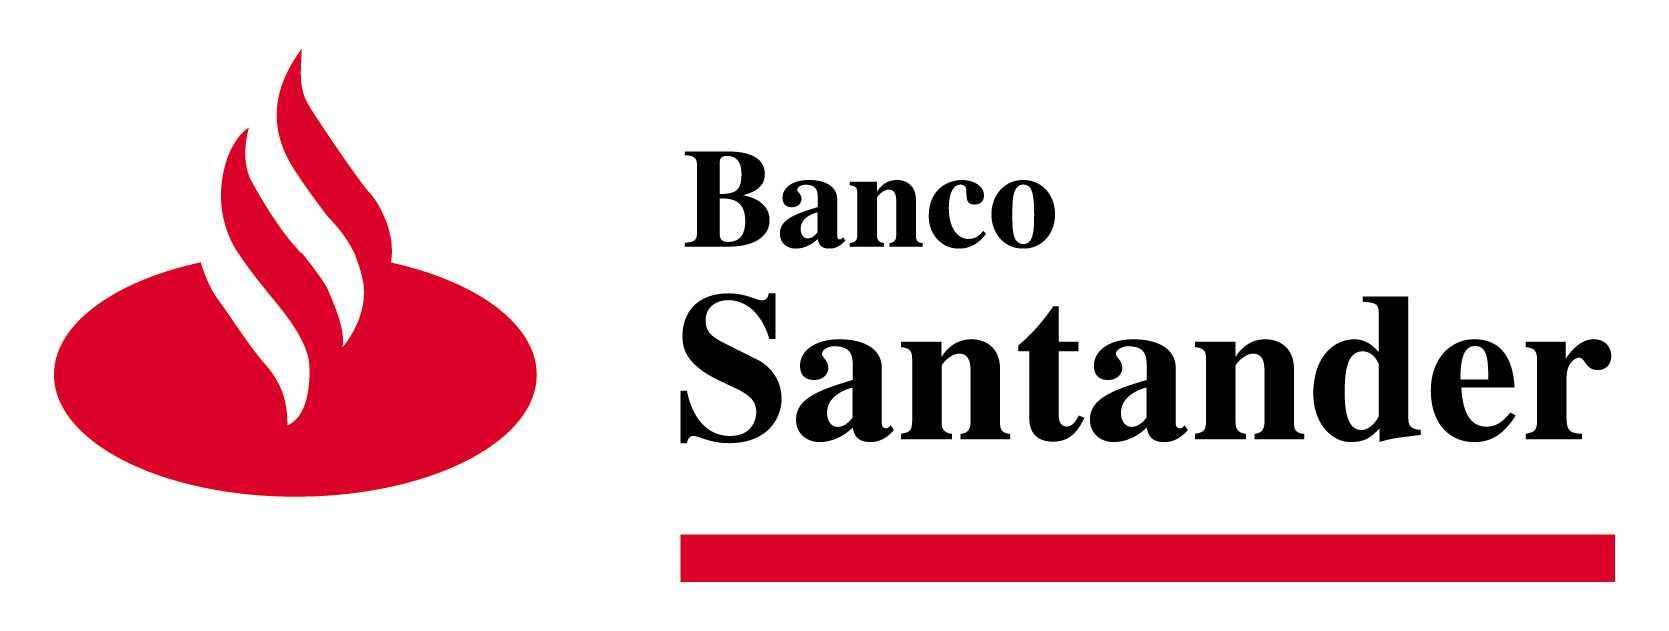 Clique aqui para efetuar a simulação - Banco Santander